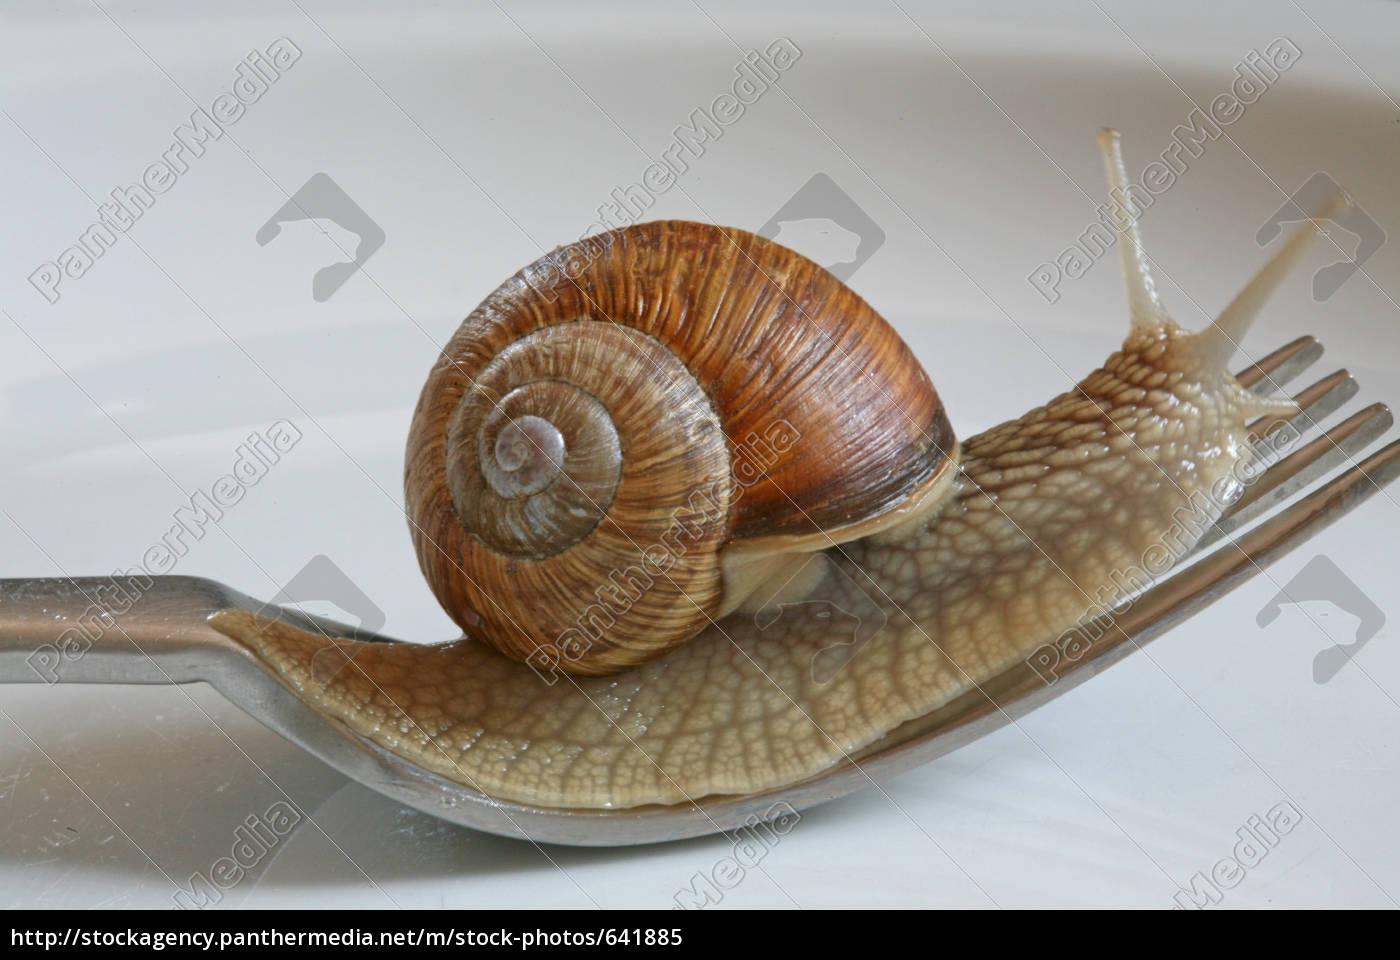 snail, snail - 641885